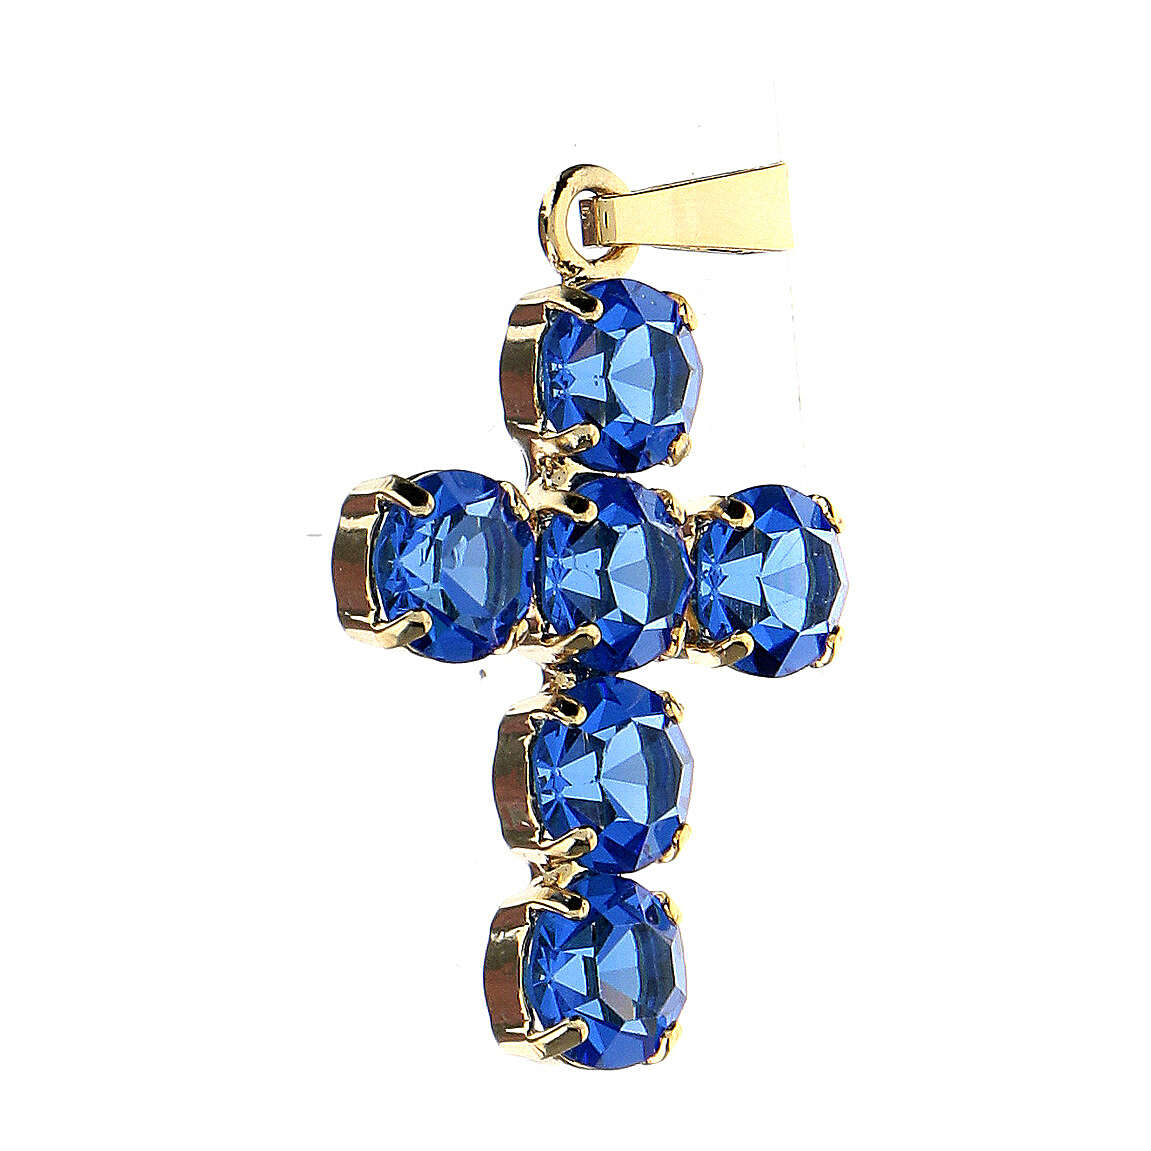 Krzyżyk zawieszka kryształy okrągłe niebieskie obsadzone 4